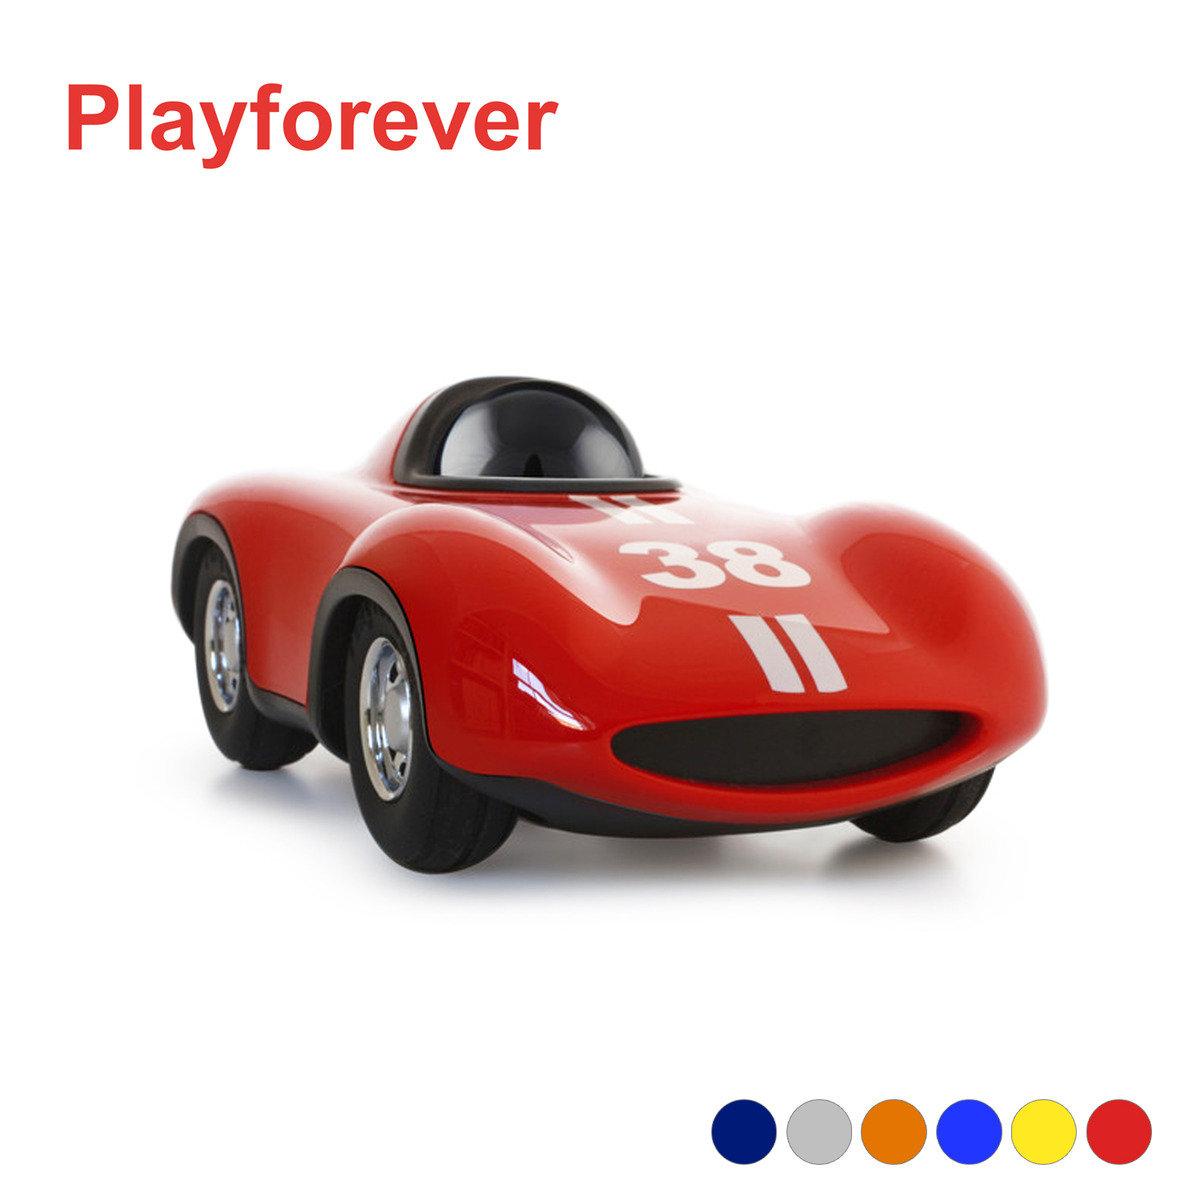 經典古董利曼賽車玩具擺飾 (紅色)